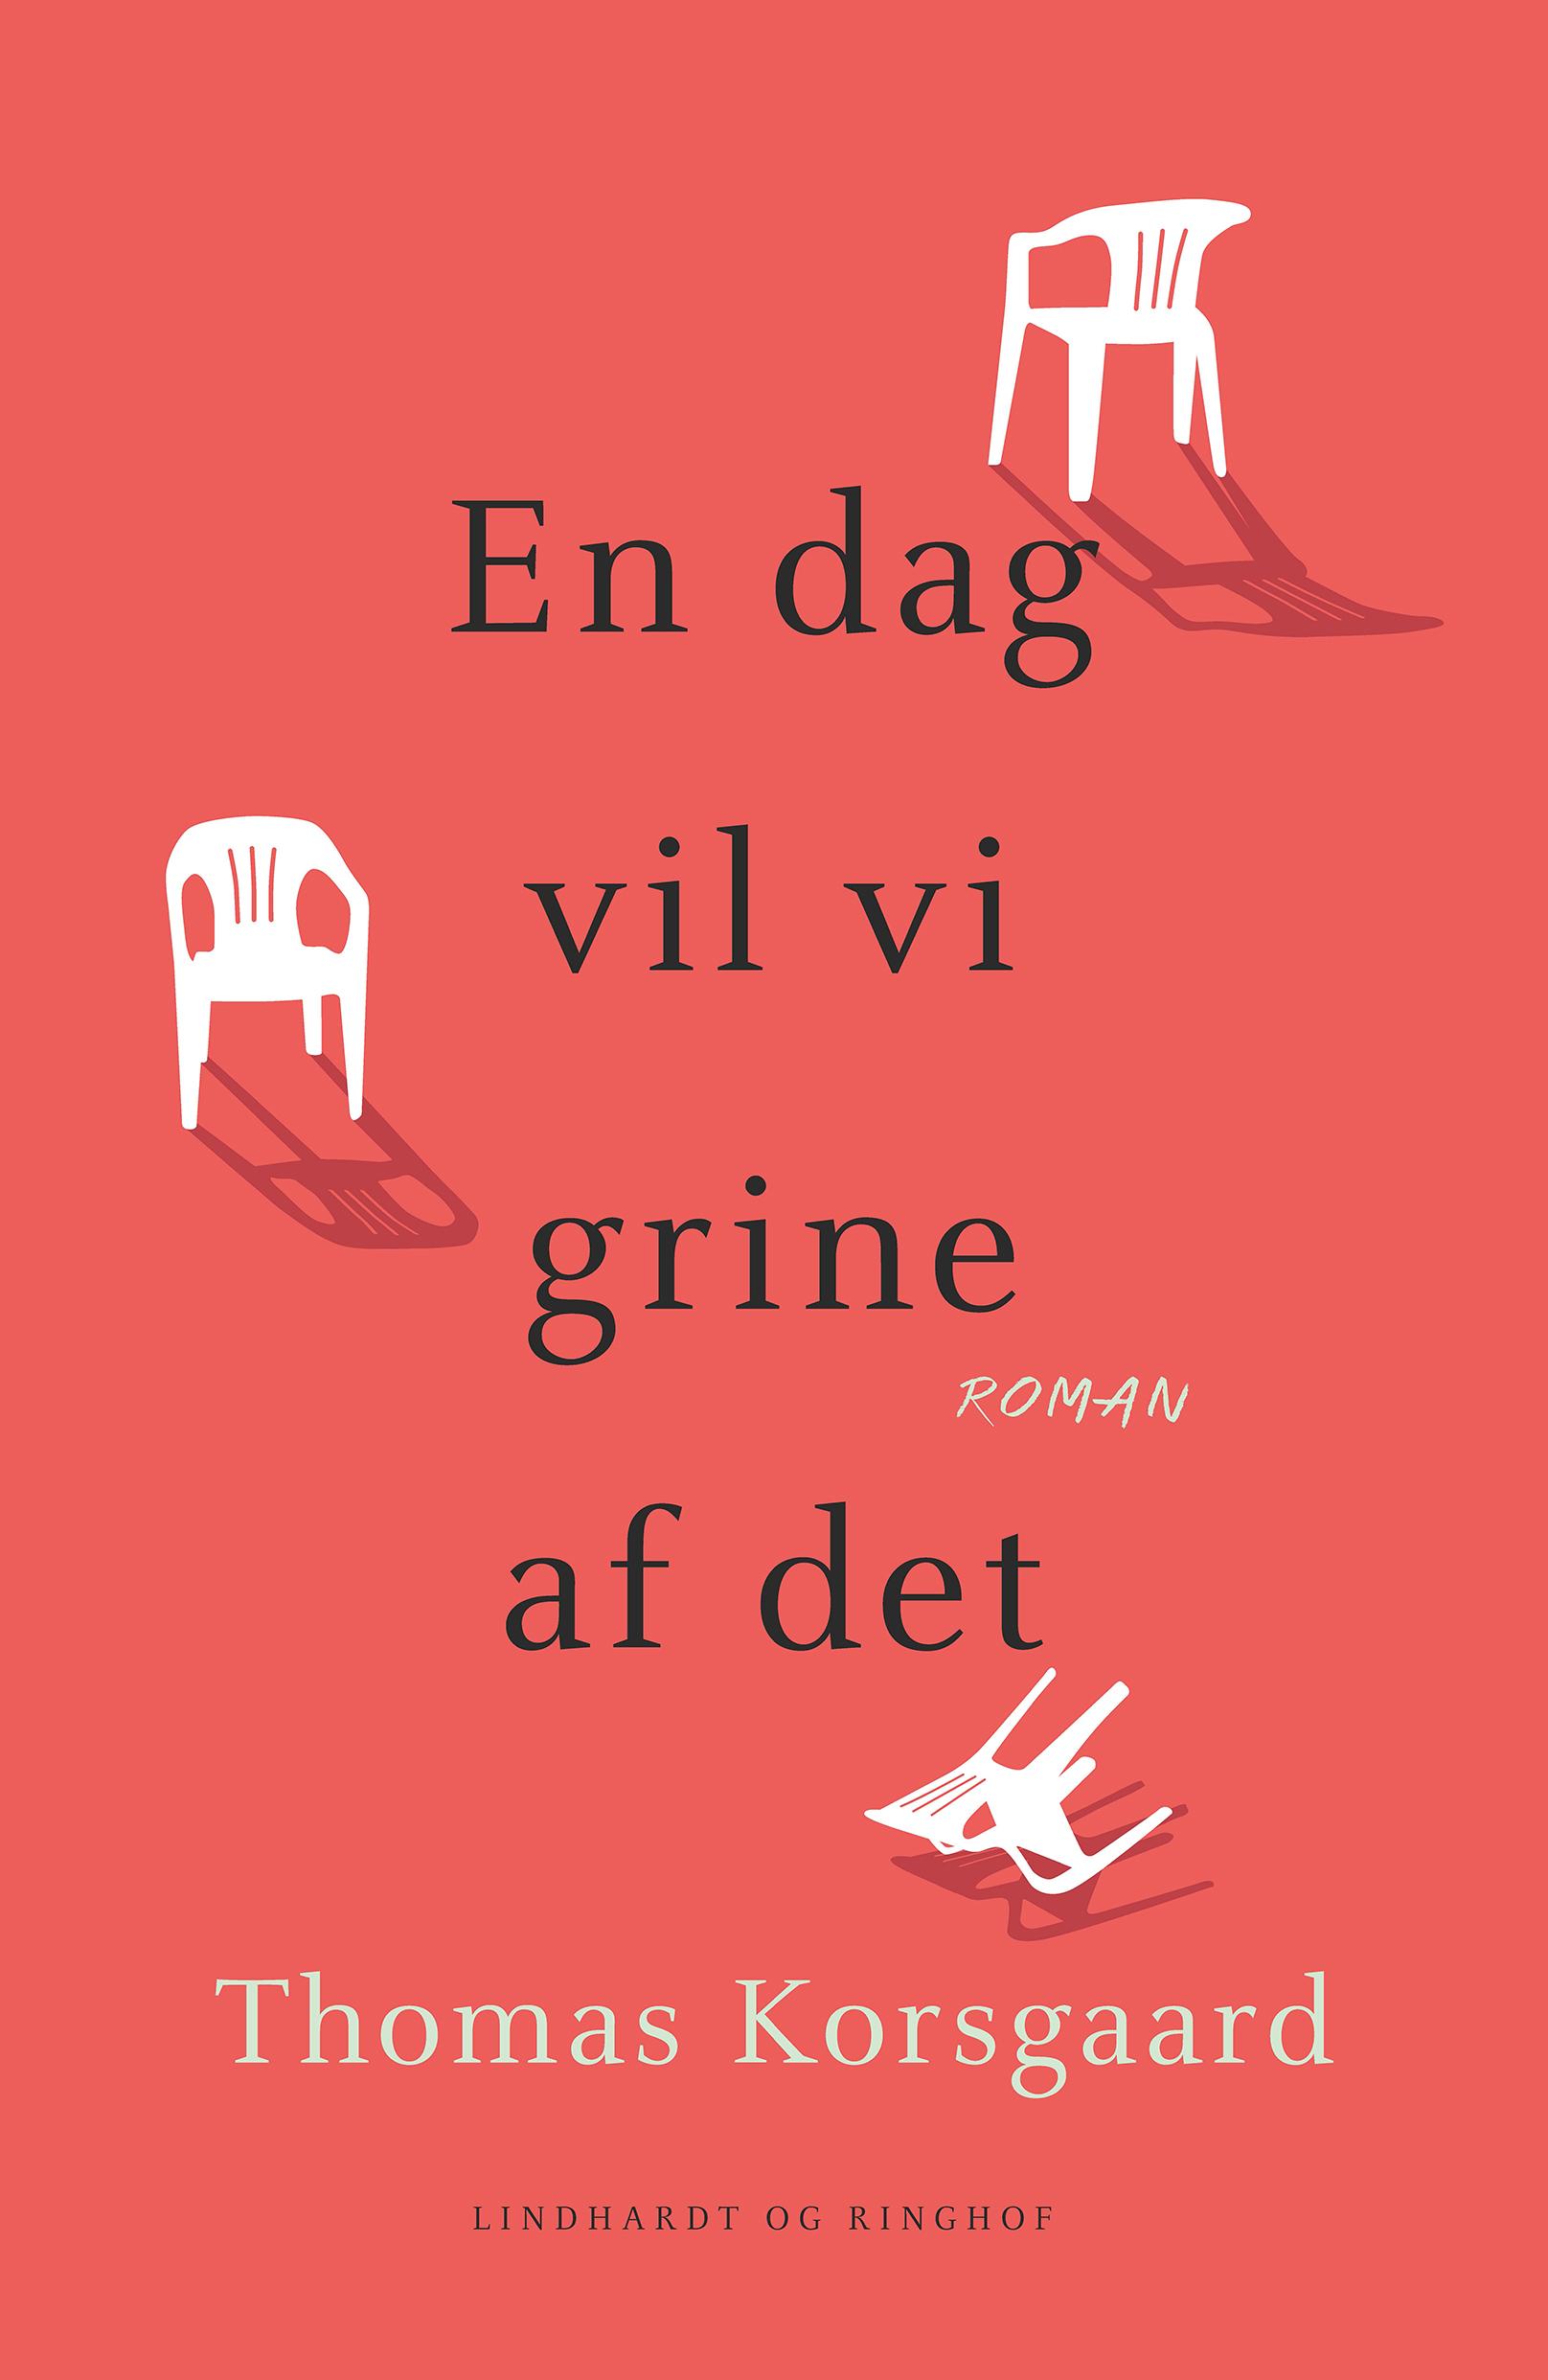 Thomas Korsgaard, En dag vil vi grine af det, Hvis der skulle komme et menneske forbi